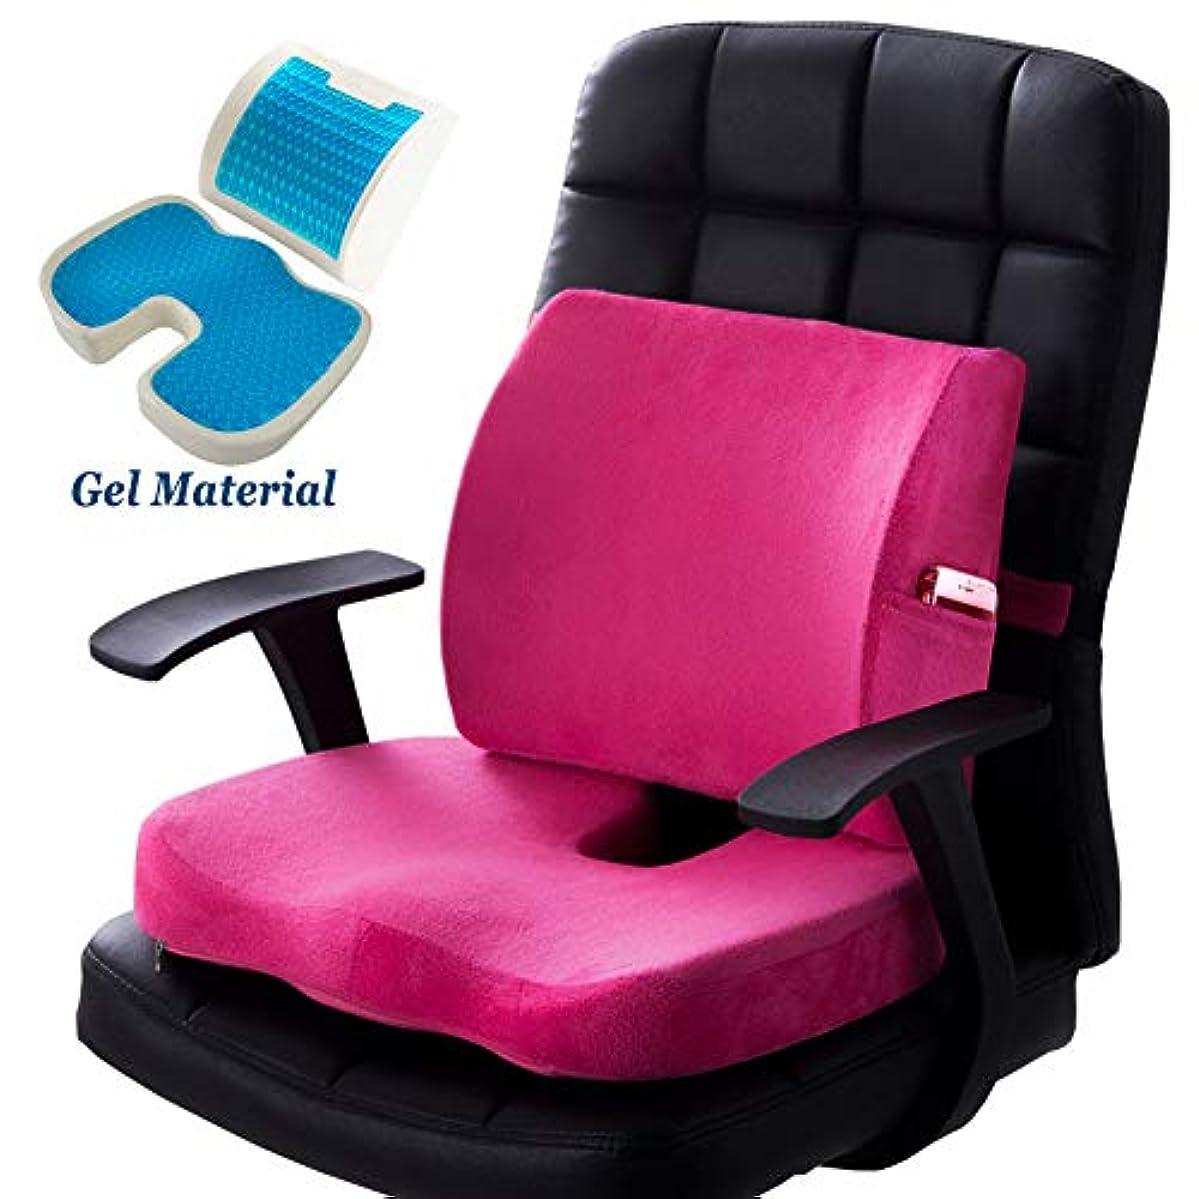 普遍的な拷問経歴シートクッションと腰用クッションセット,ファッション低反発フォーム/ジェルサポートバッククッション、洗えるカバー、坐骨神経痛の痛みを軽減,PinkPlush,Gel